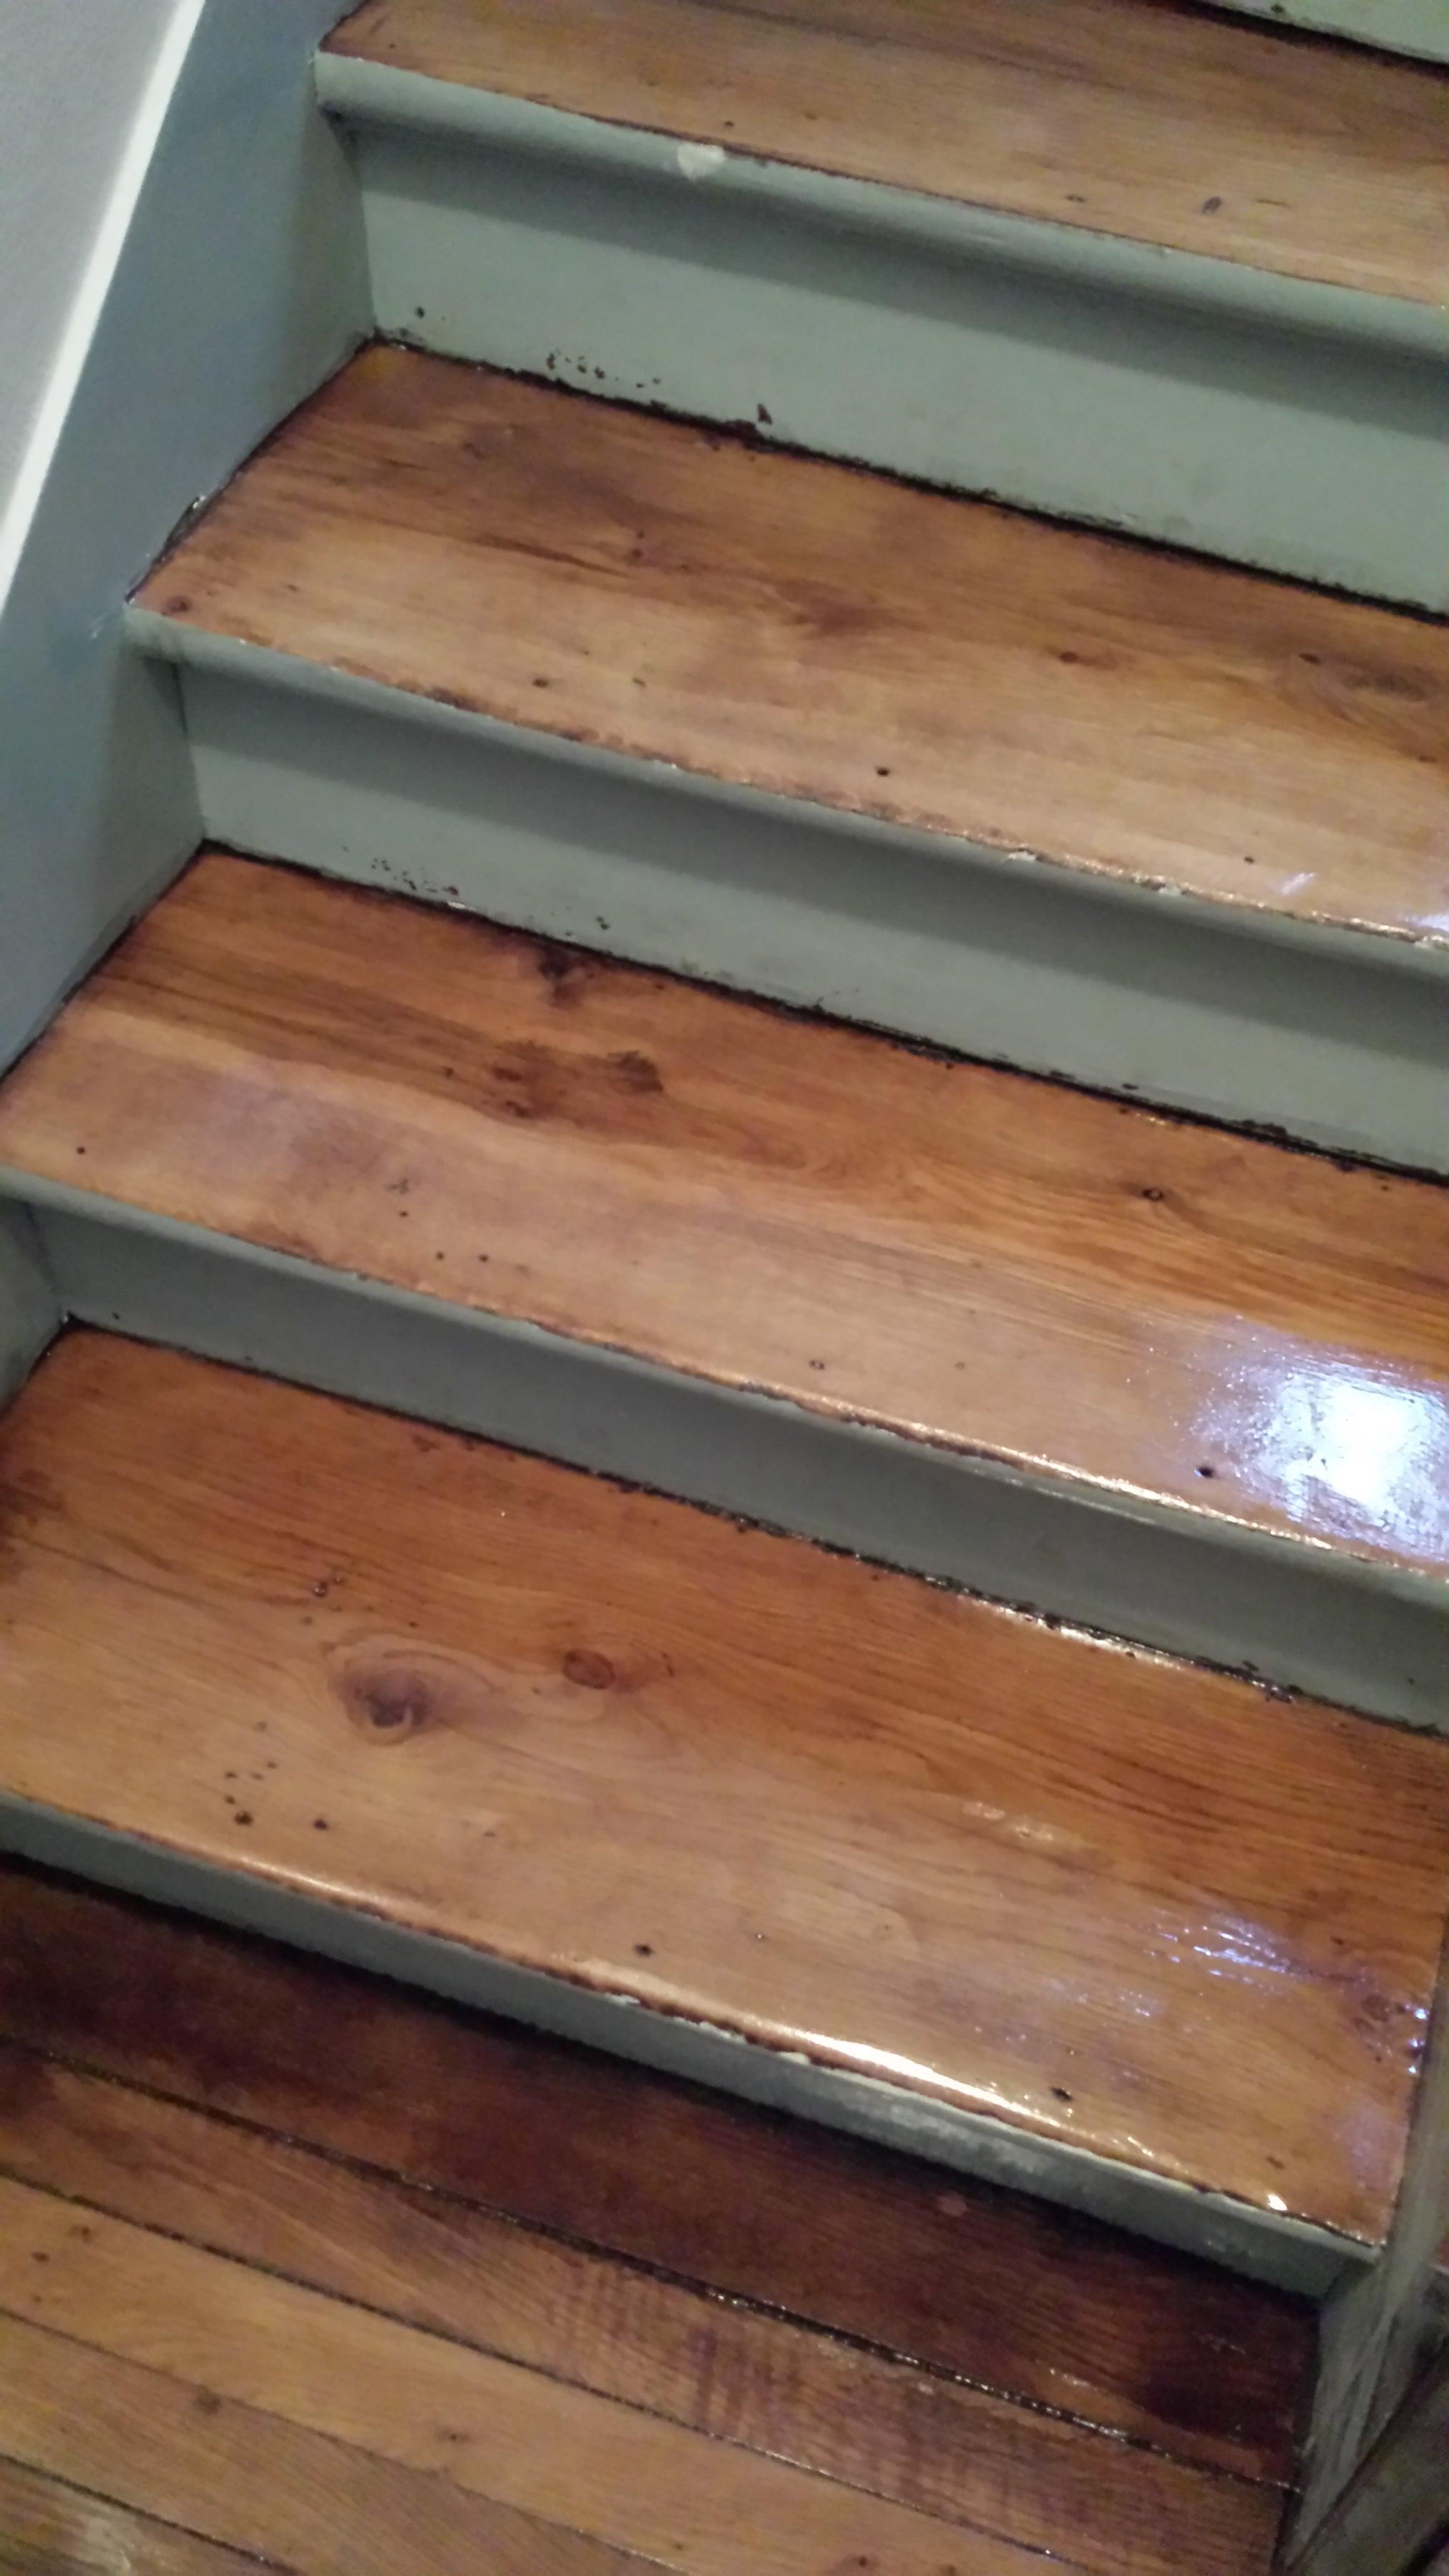 travaux-renovation-escalier-poncage-verni-immeuble-de-paris-3-texas-batiment-rge-min